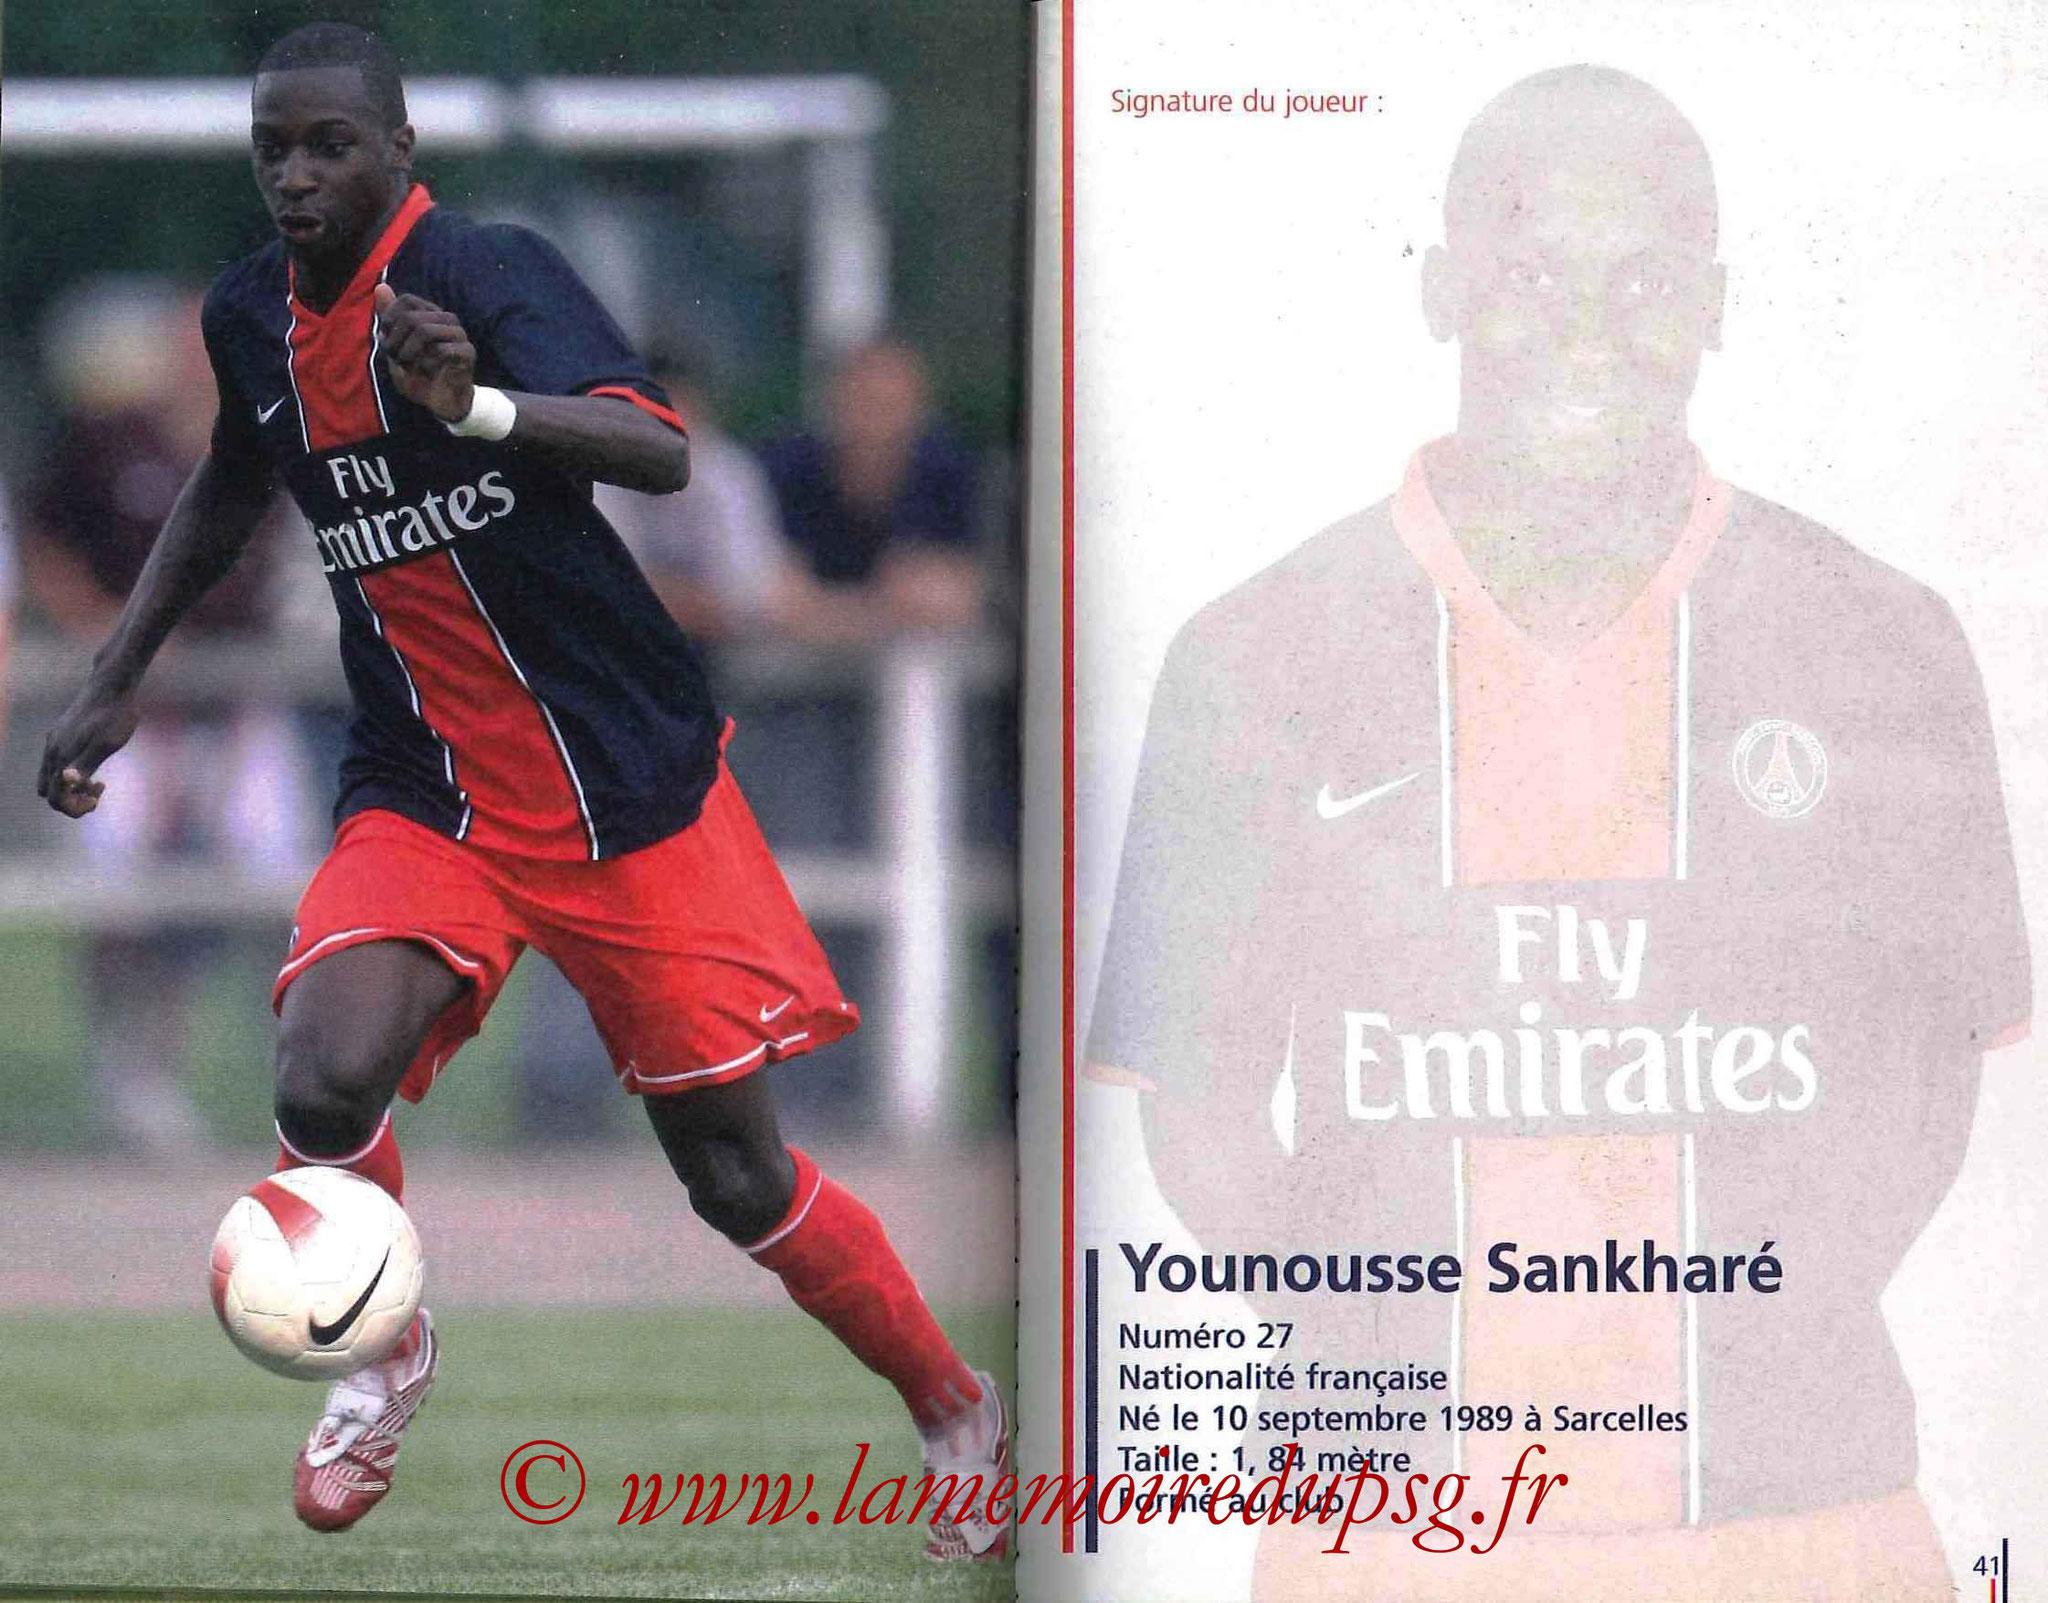 2007-08 - Guide de la Saison PSG - Pages 40 et 41 - Younousse SANKHARE